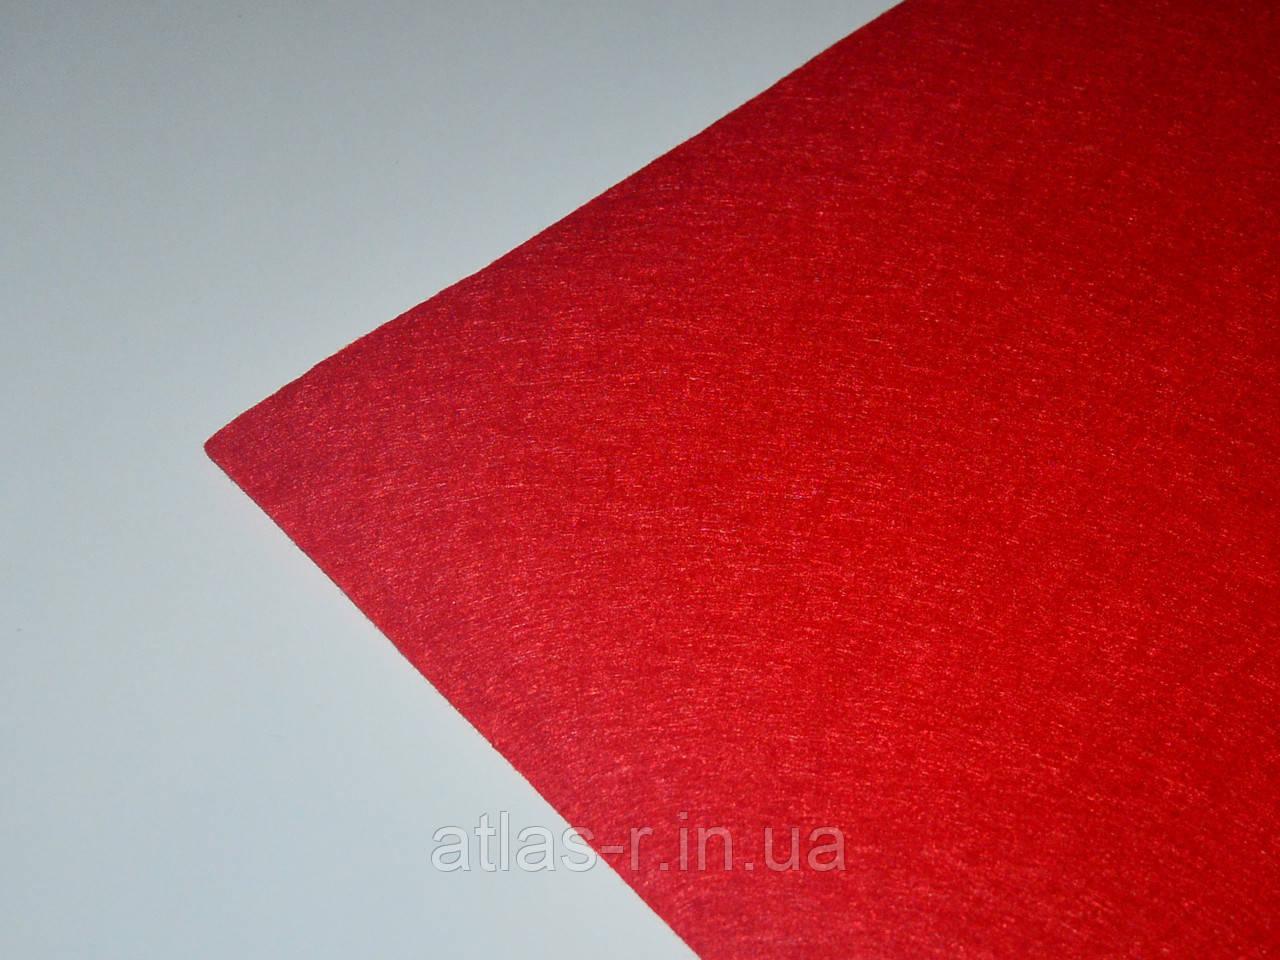 Мягкий фетр для рукоделия красный, алый листовой 1,3 мм, фото 1